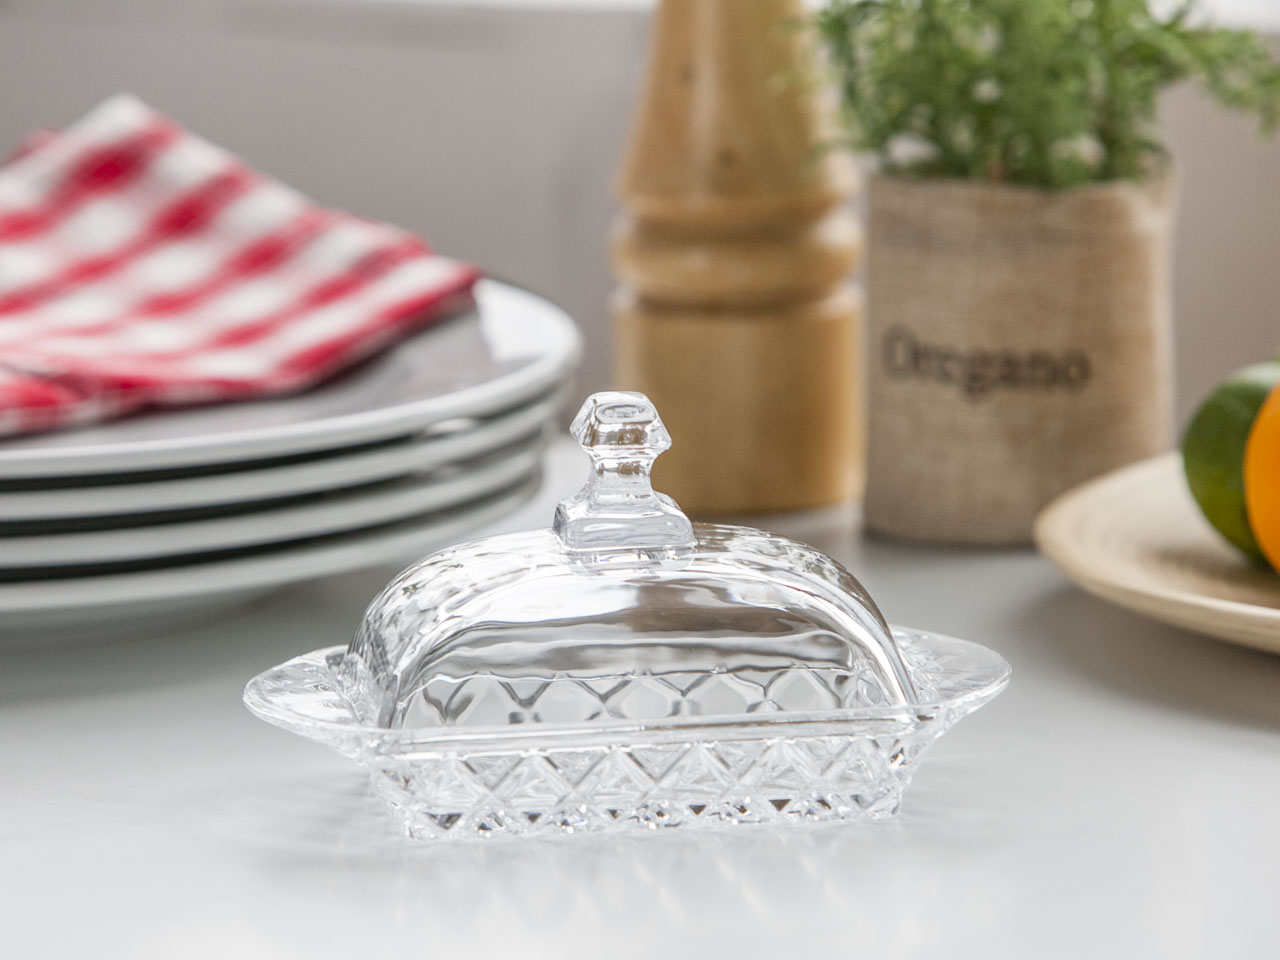 Maselnica szklana z pokrywą Altom Design Karo